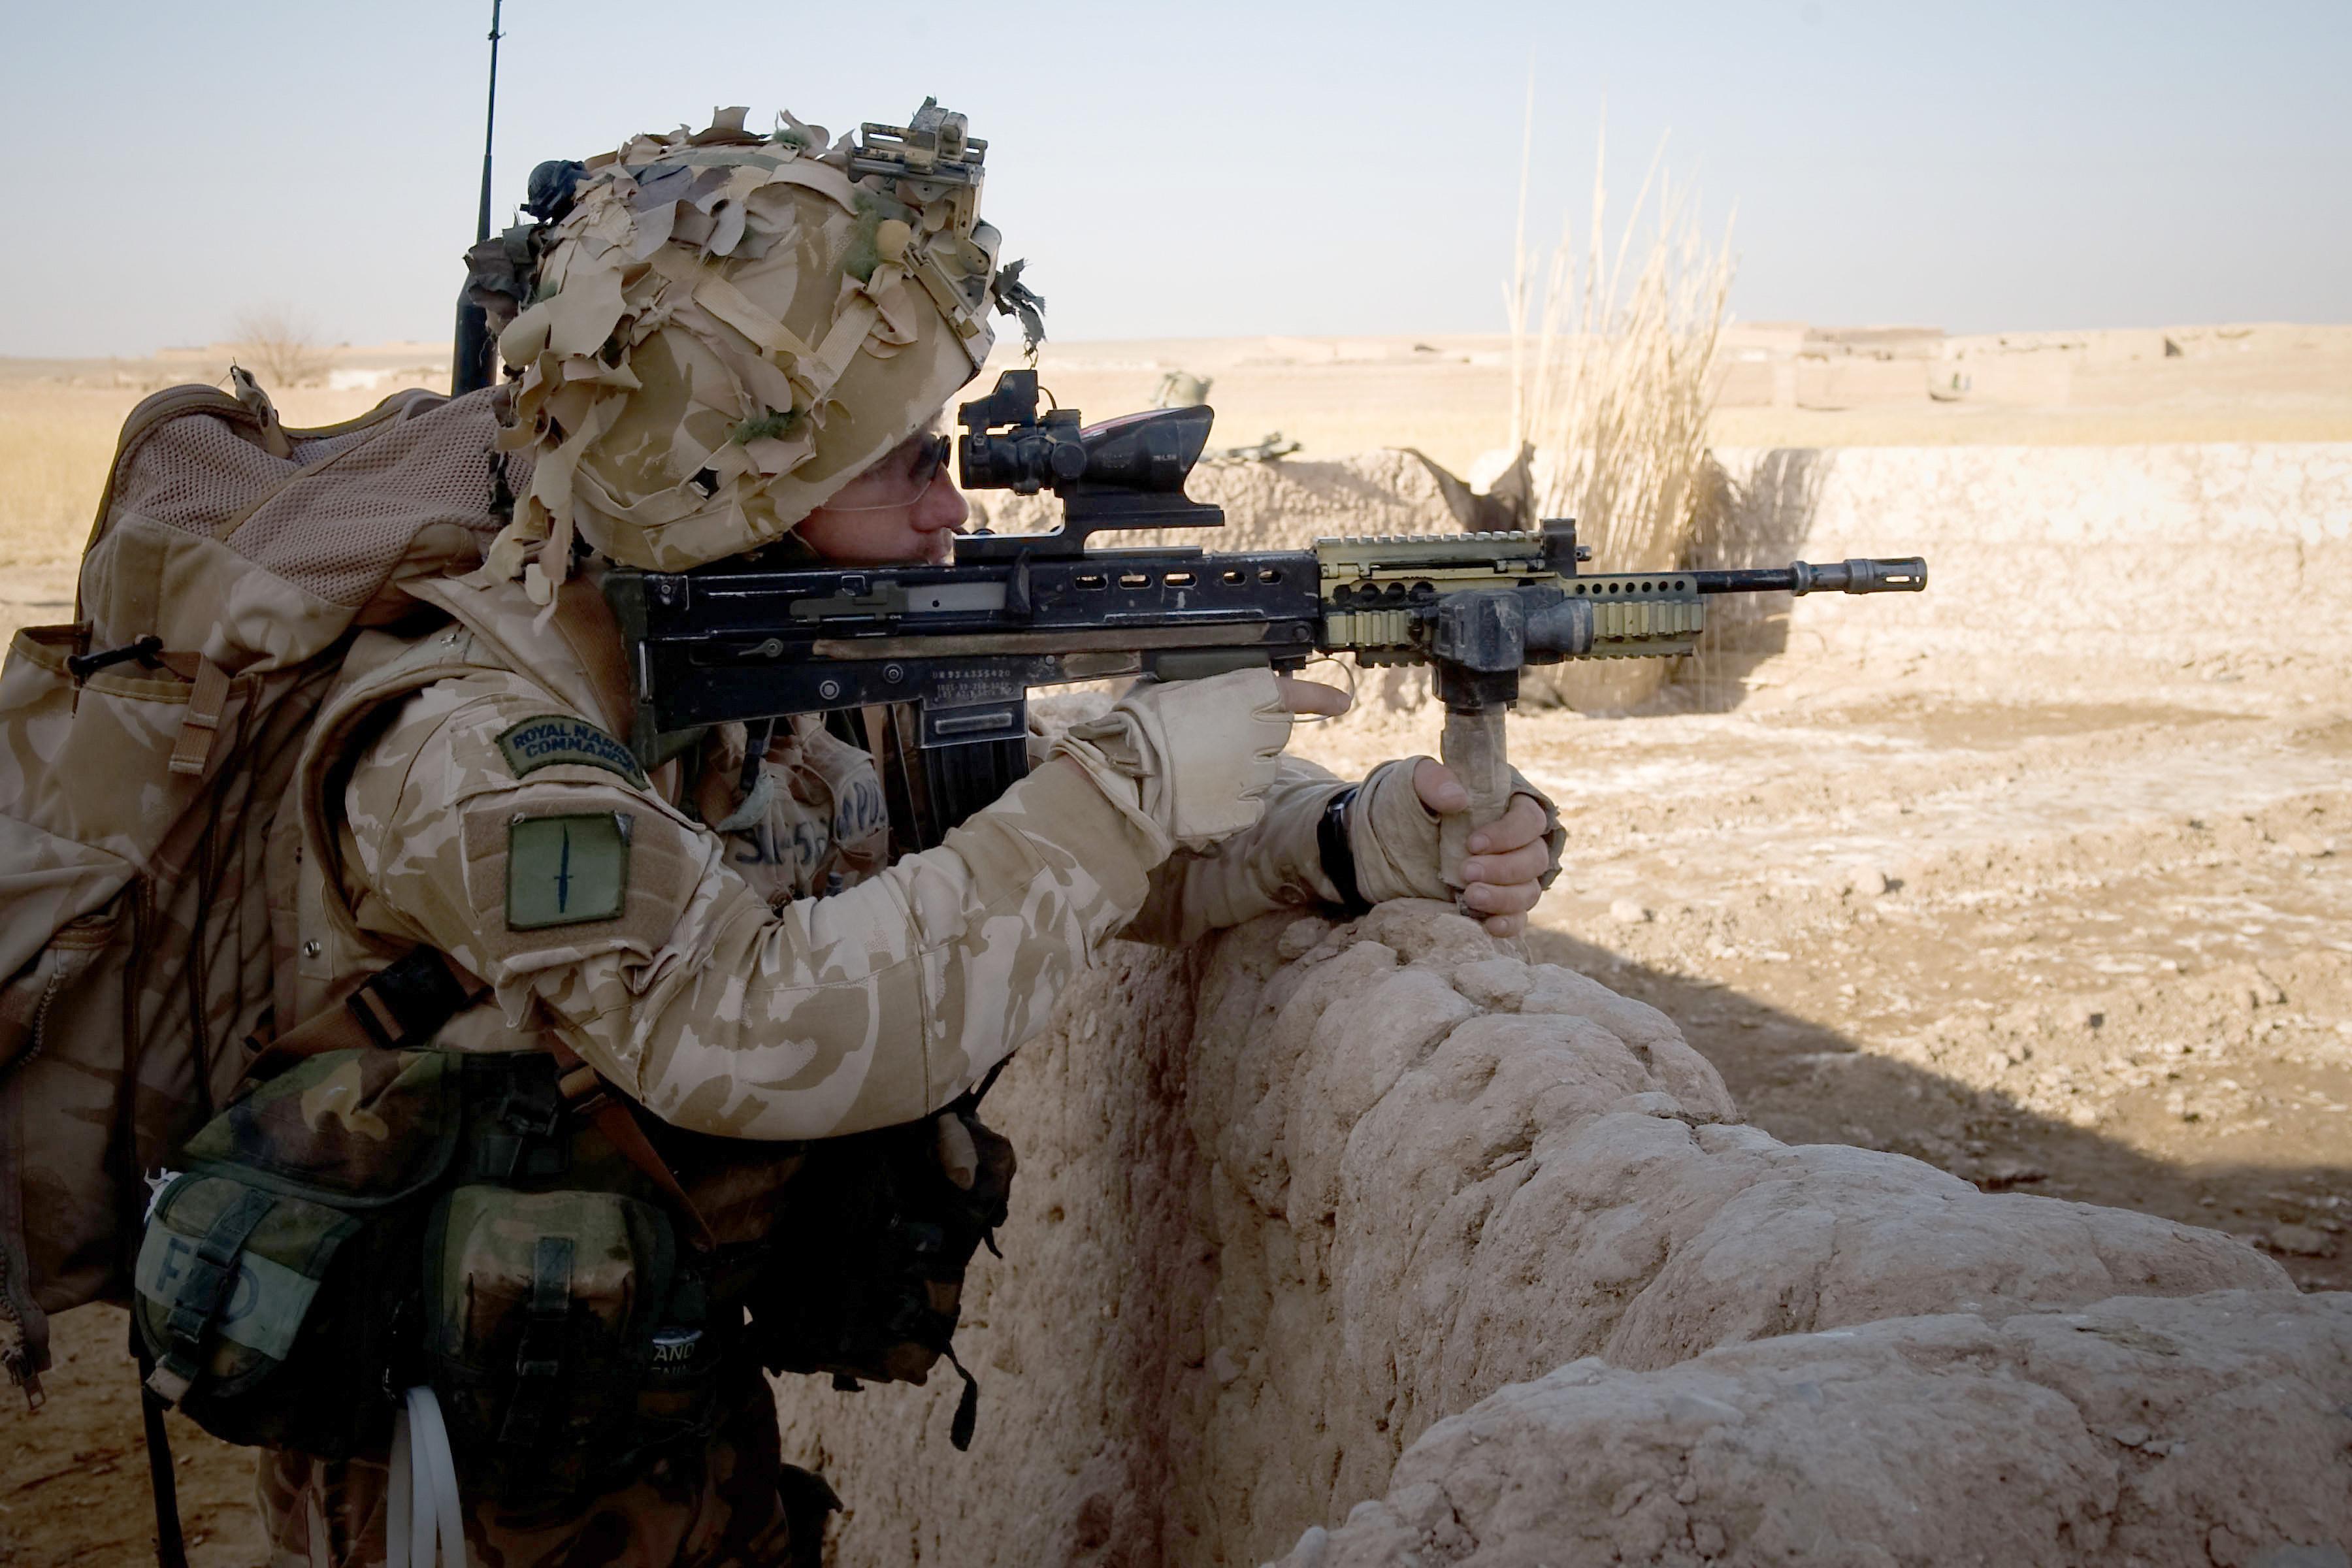 A Royal Marine aims his L85A2 assault rifle.